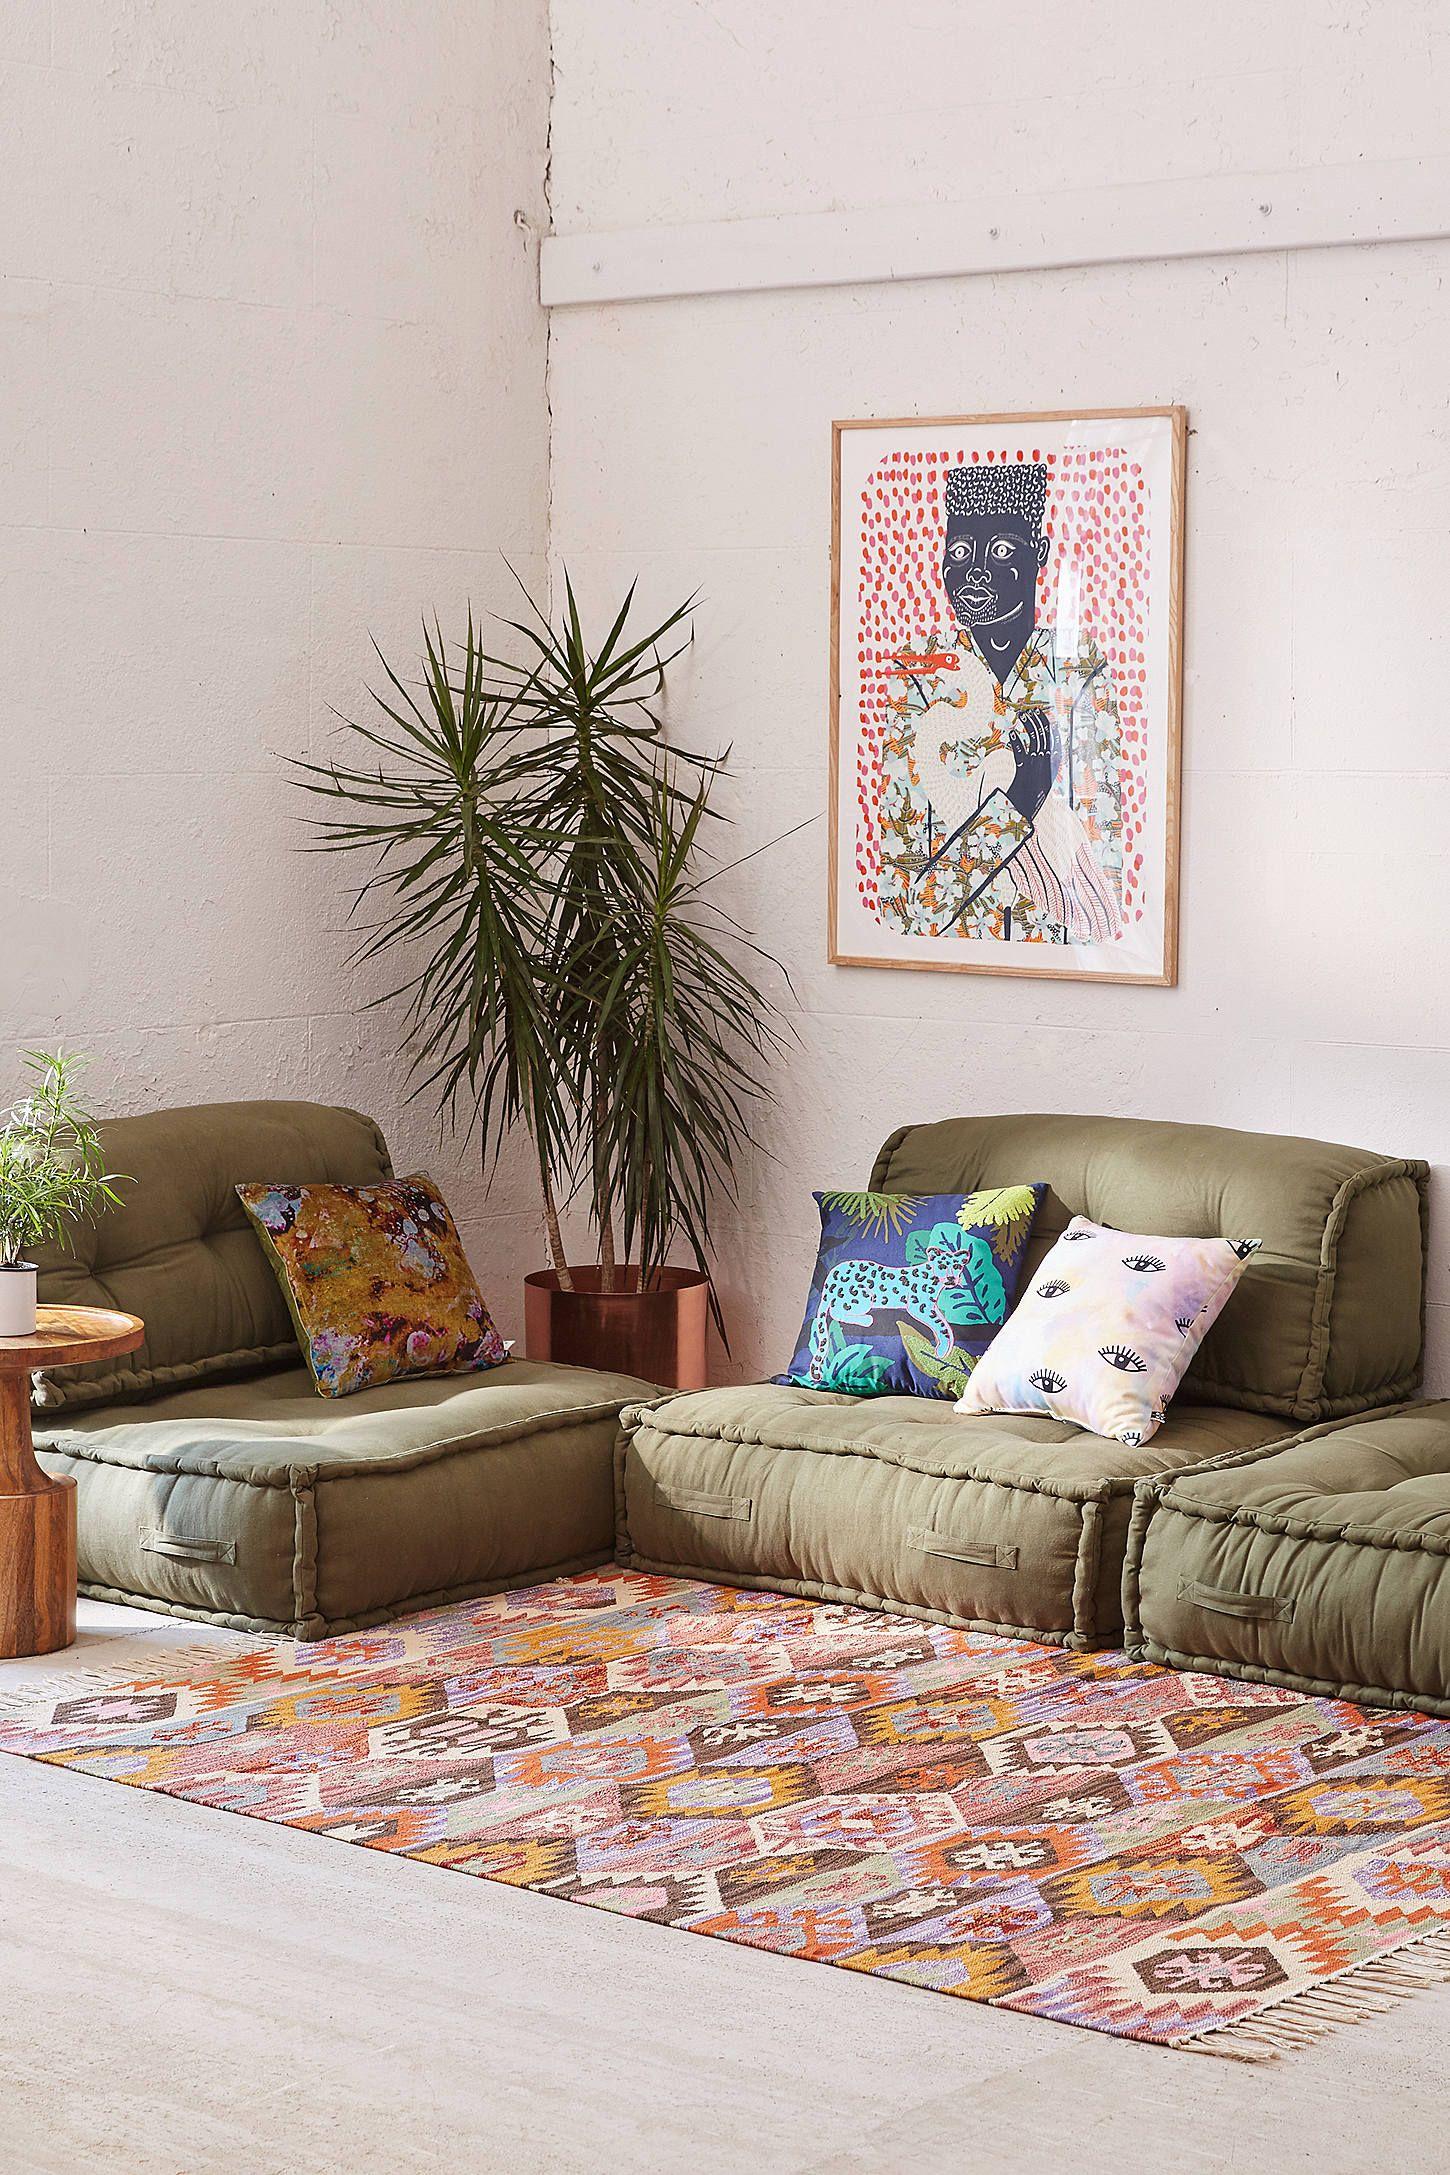 Reema Floor Cushion Floor Cushions Living Room Small Living